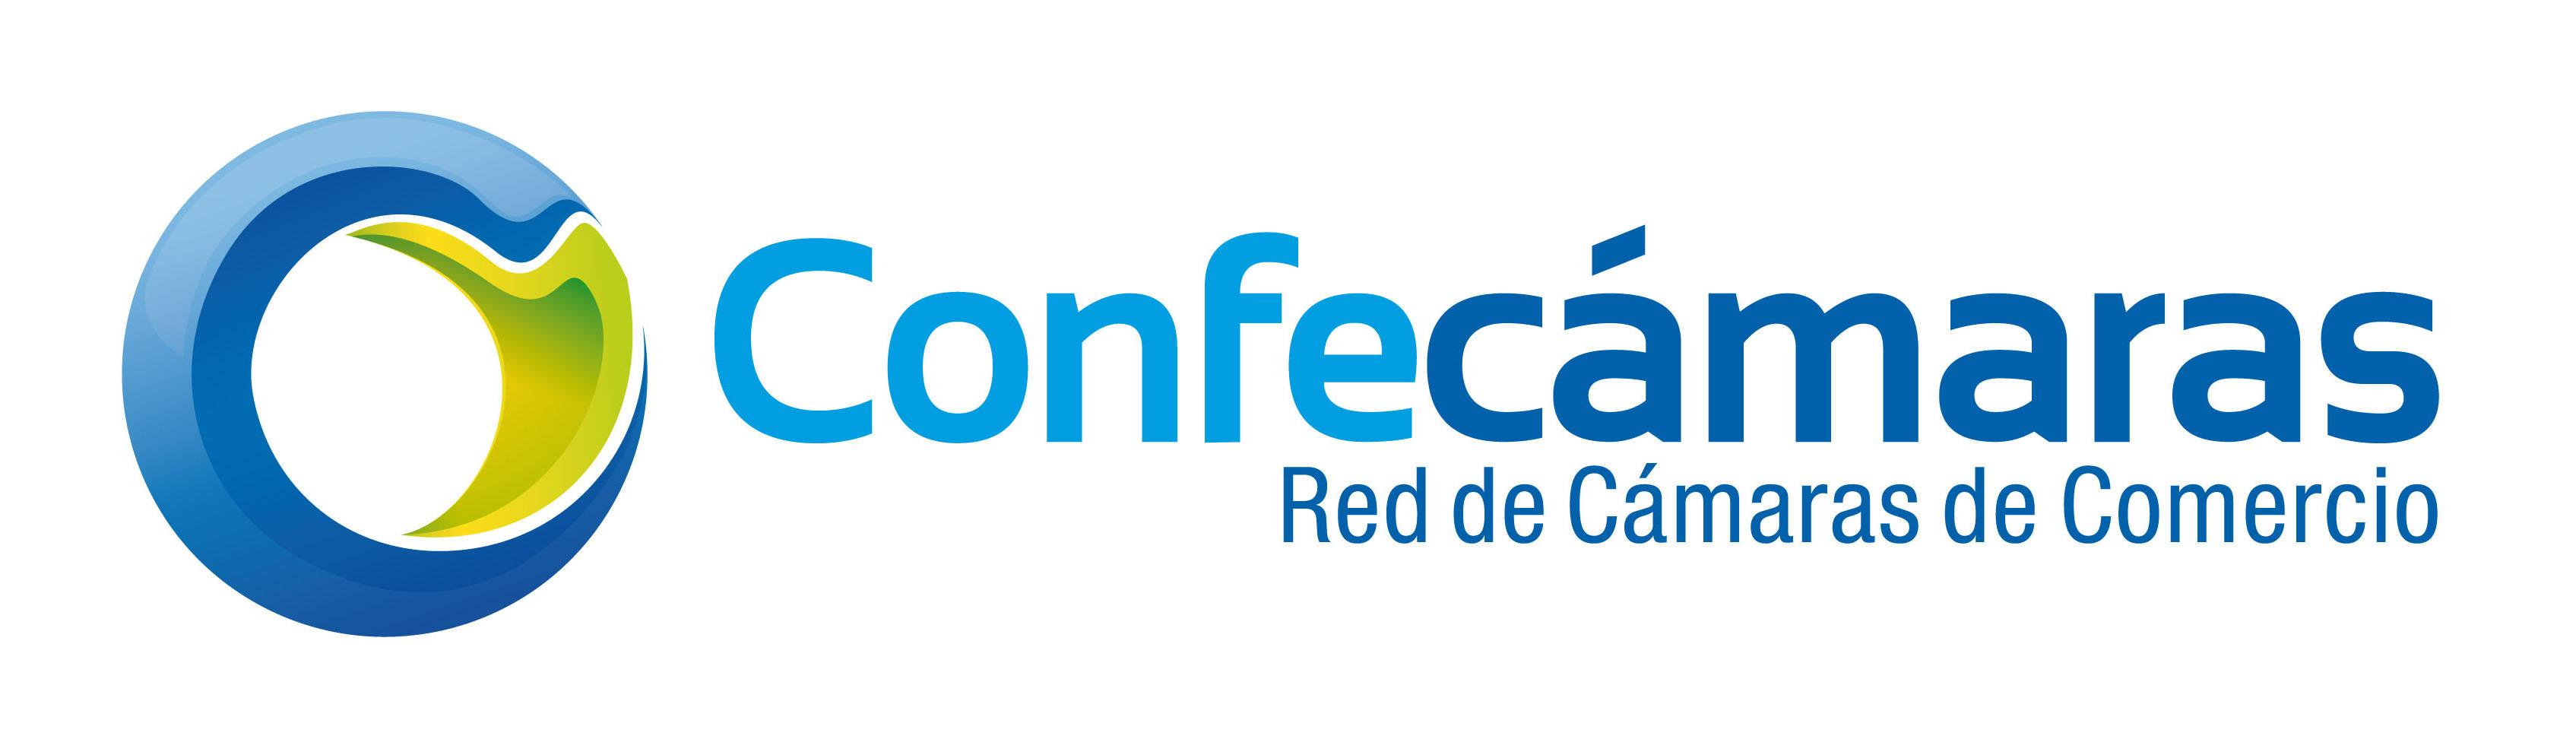 Comunicado de las Cámaras de Comercio de Colombia